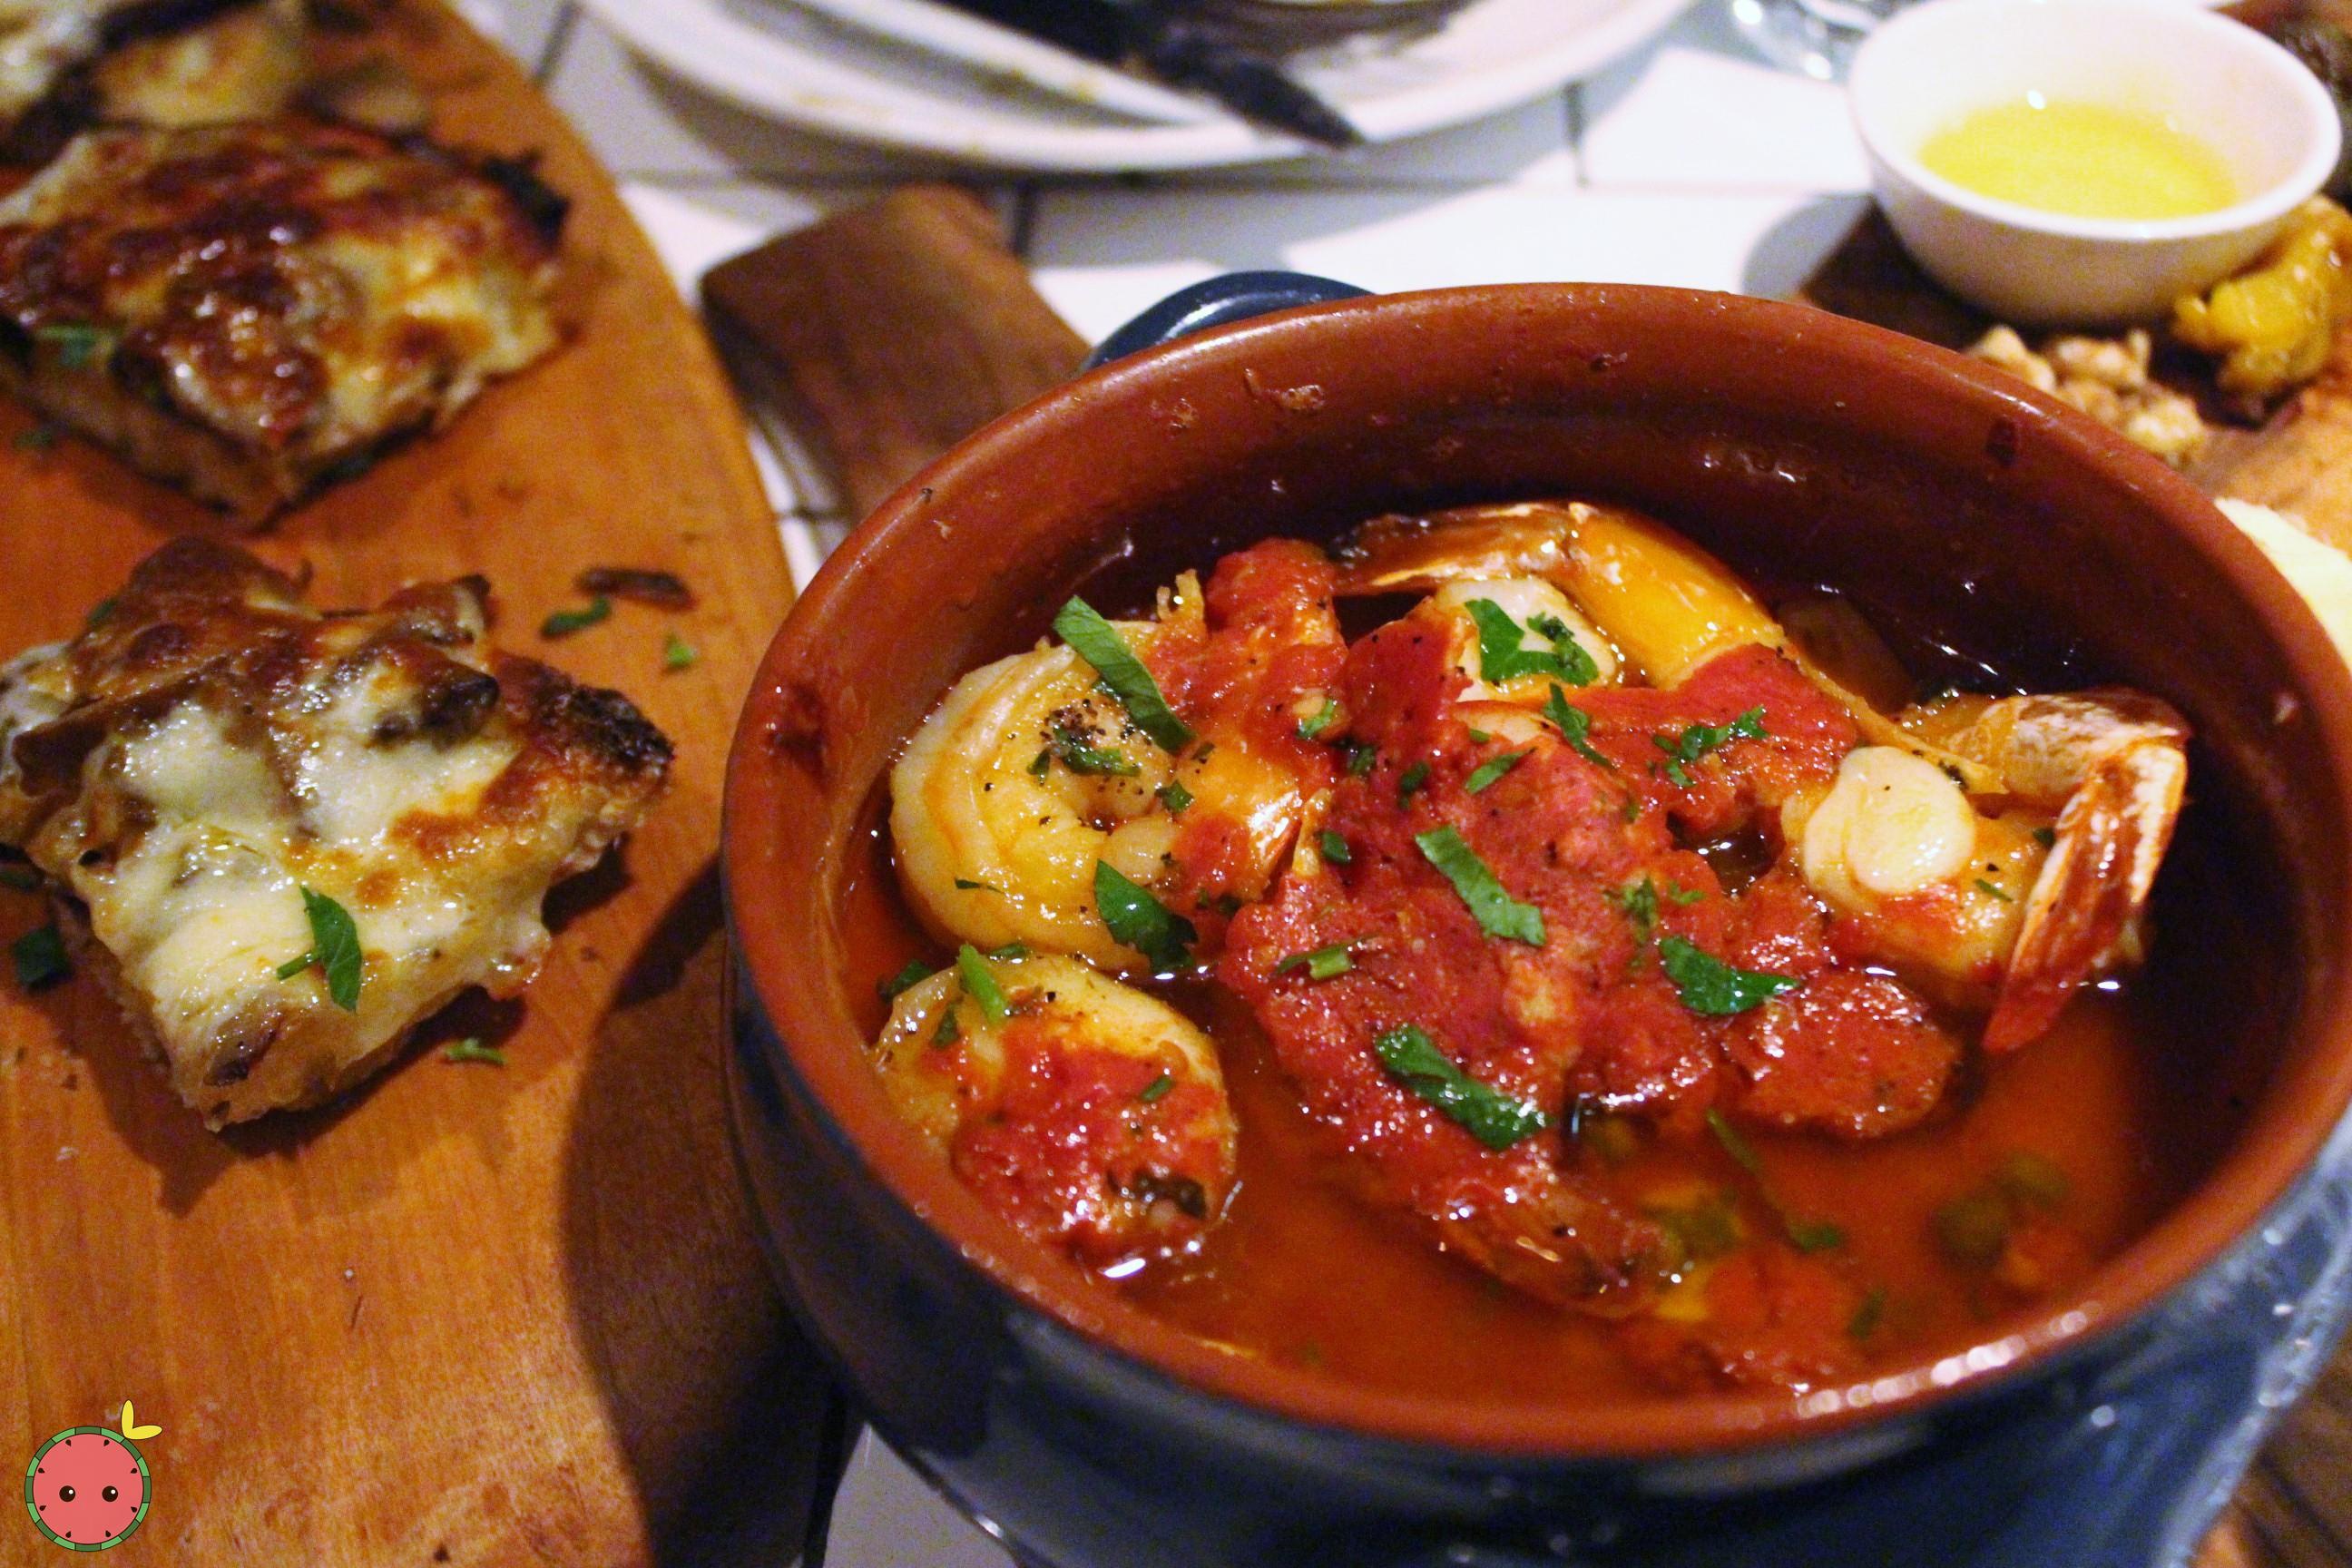 Gamberi e Aglio e Olio - Shrimp scampi, garlic, olive oil